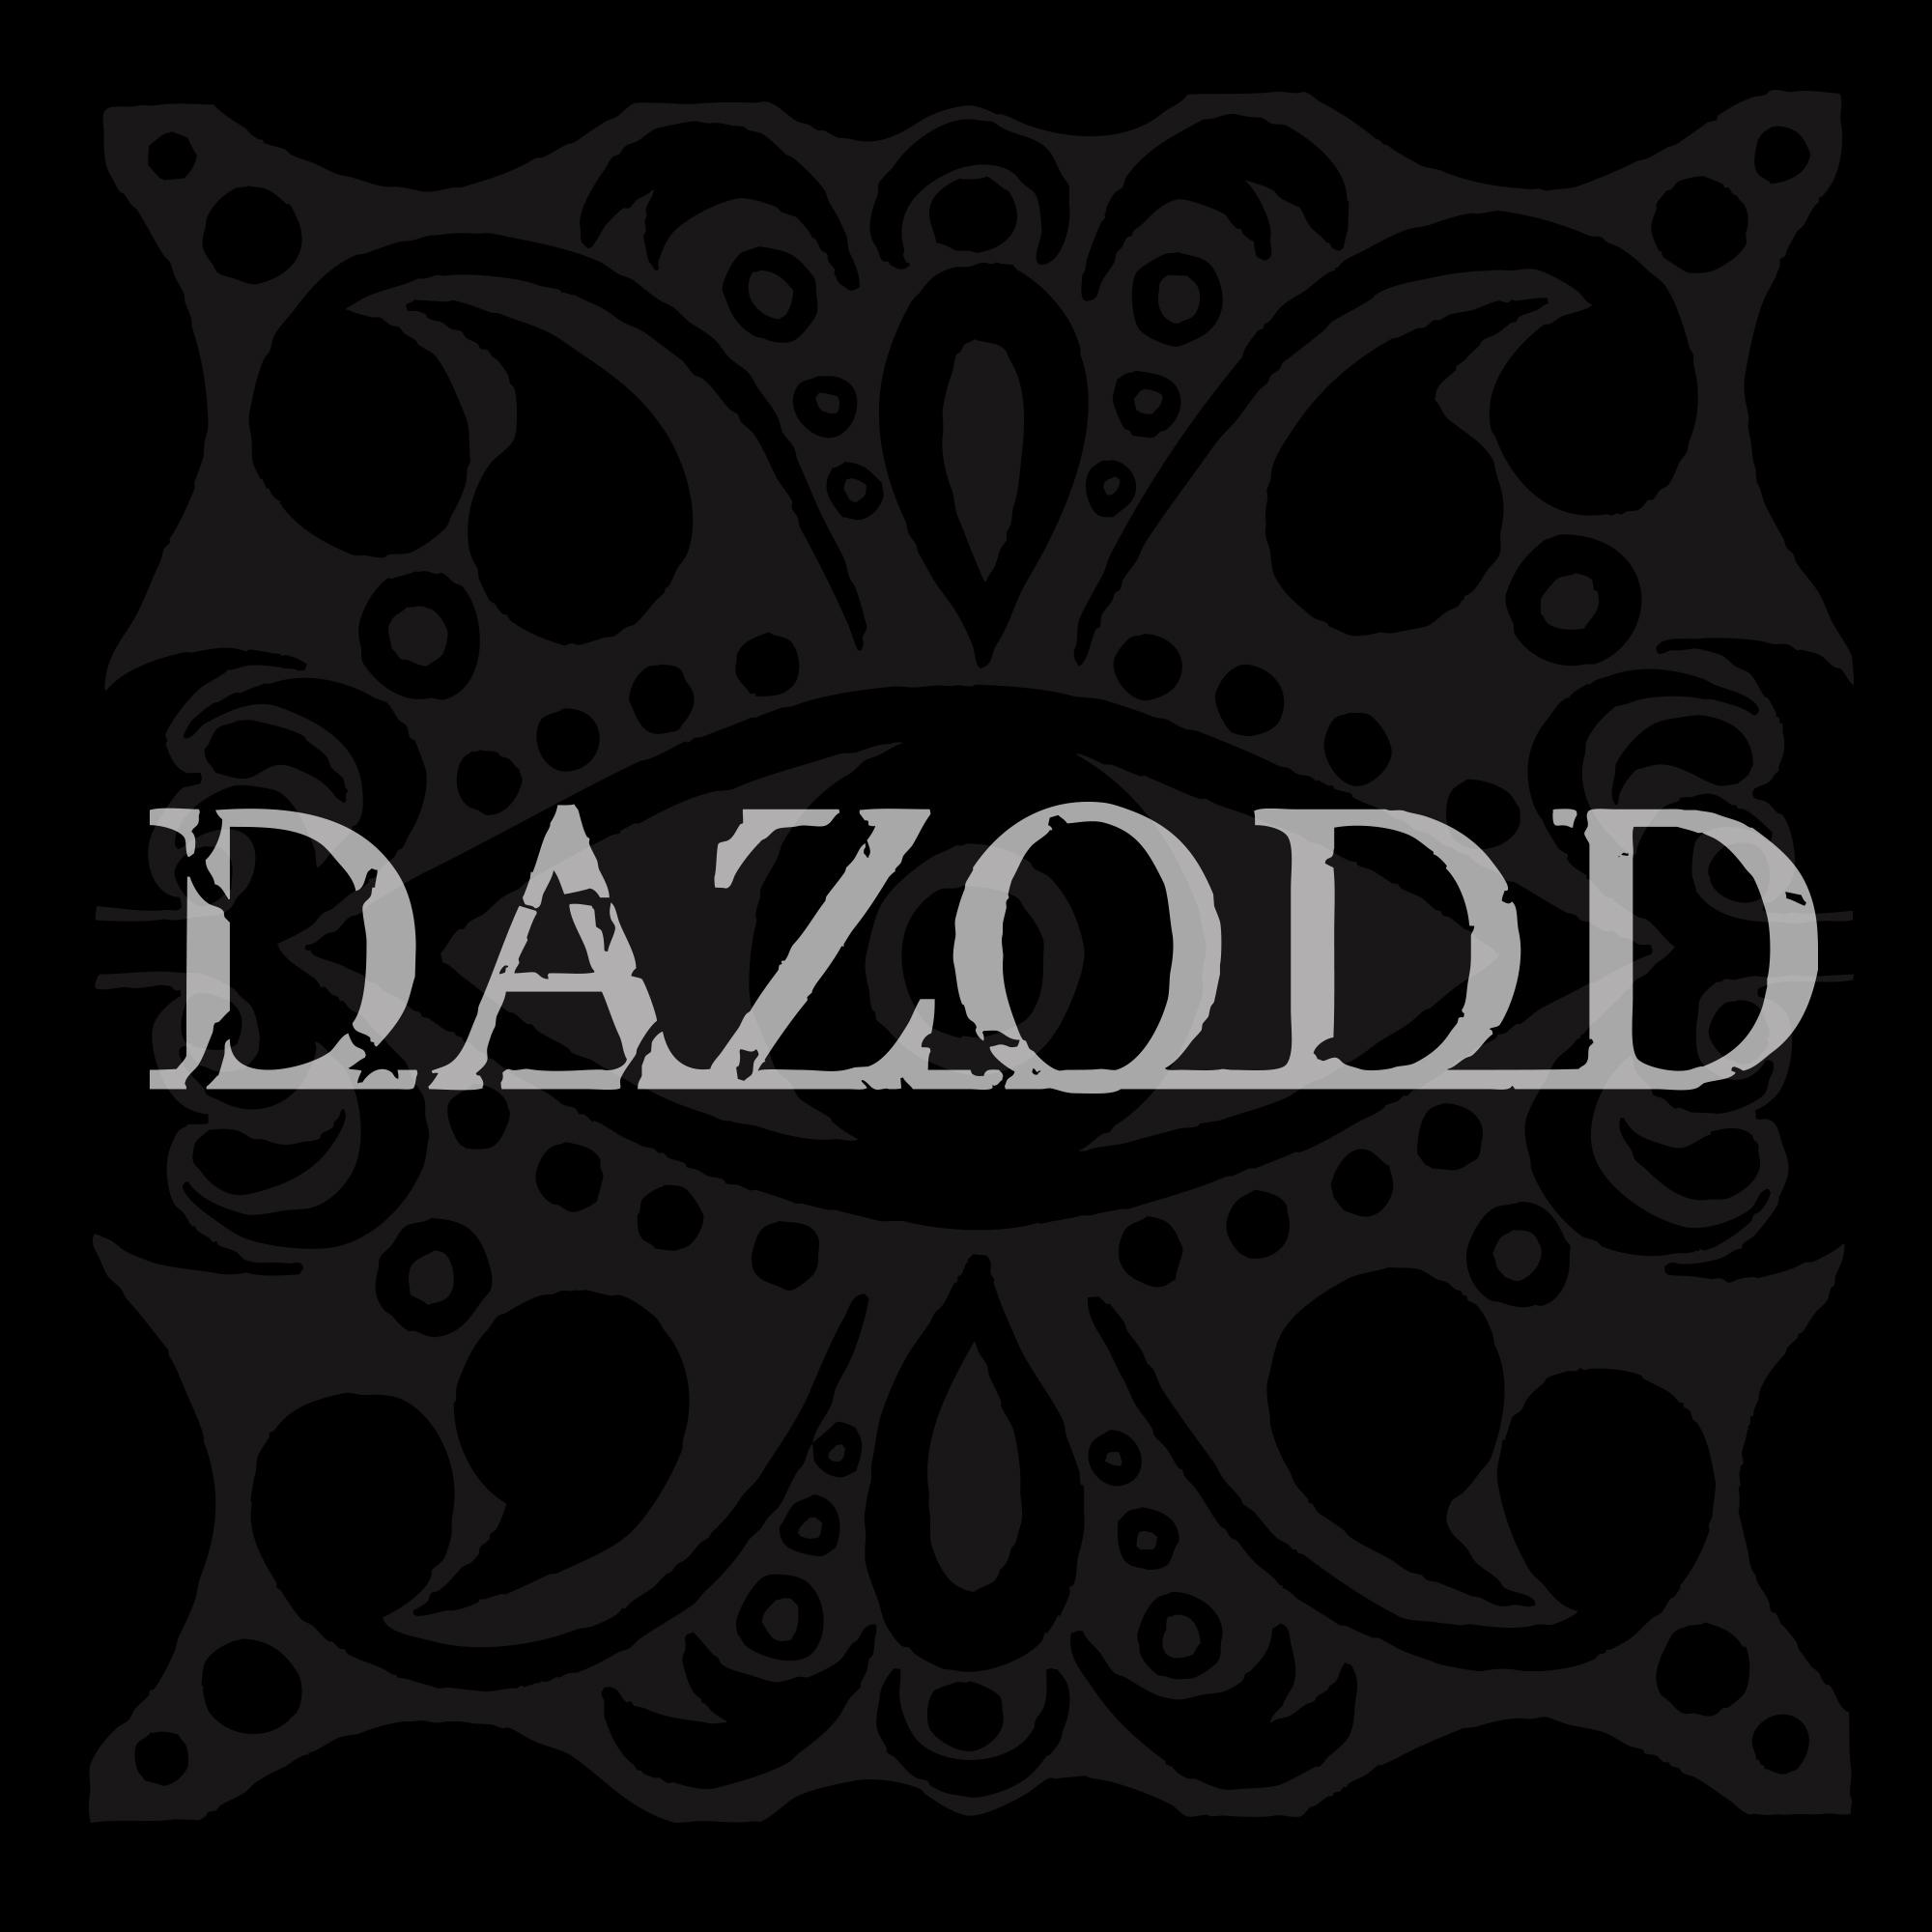 DAZODD logo